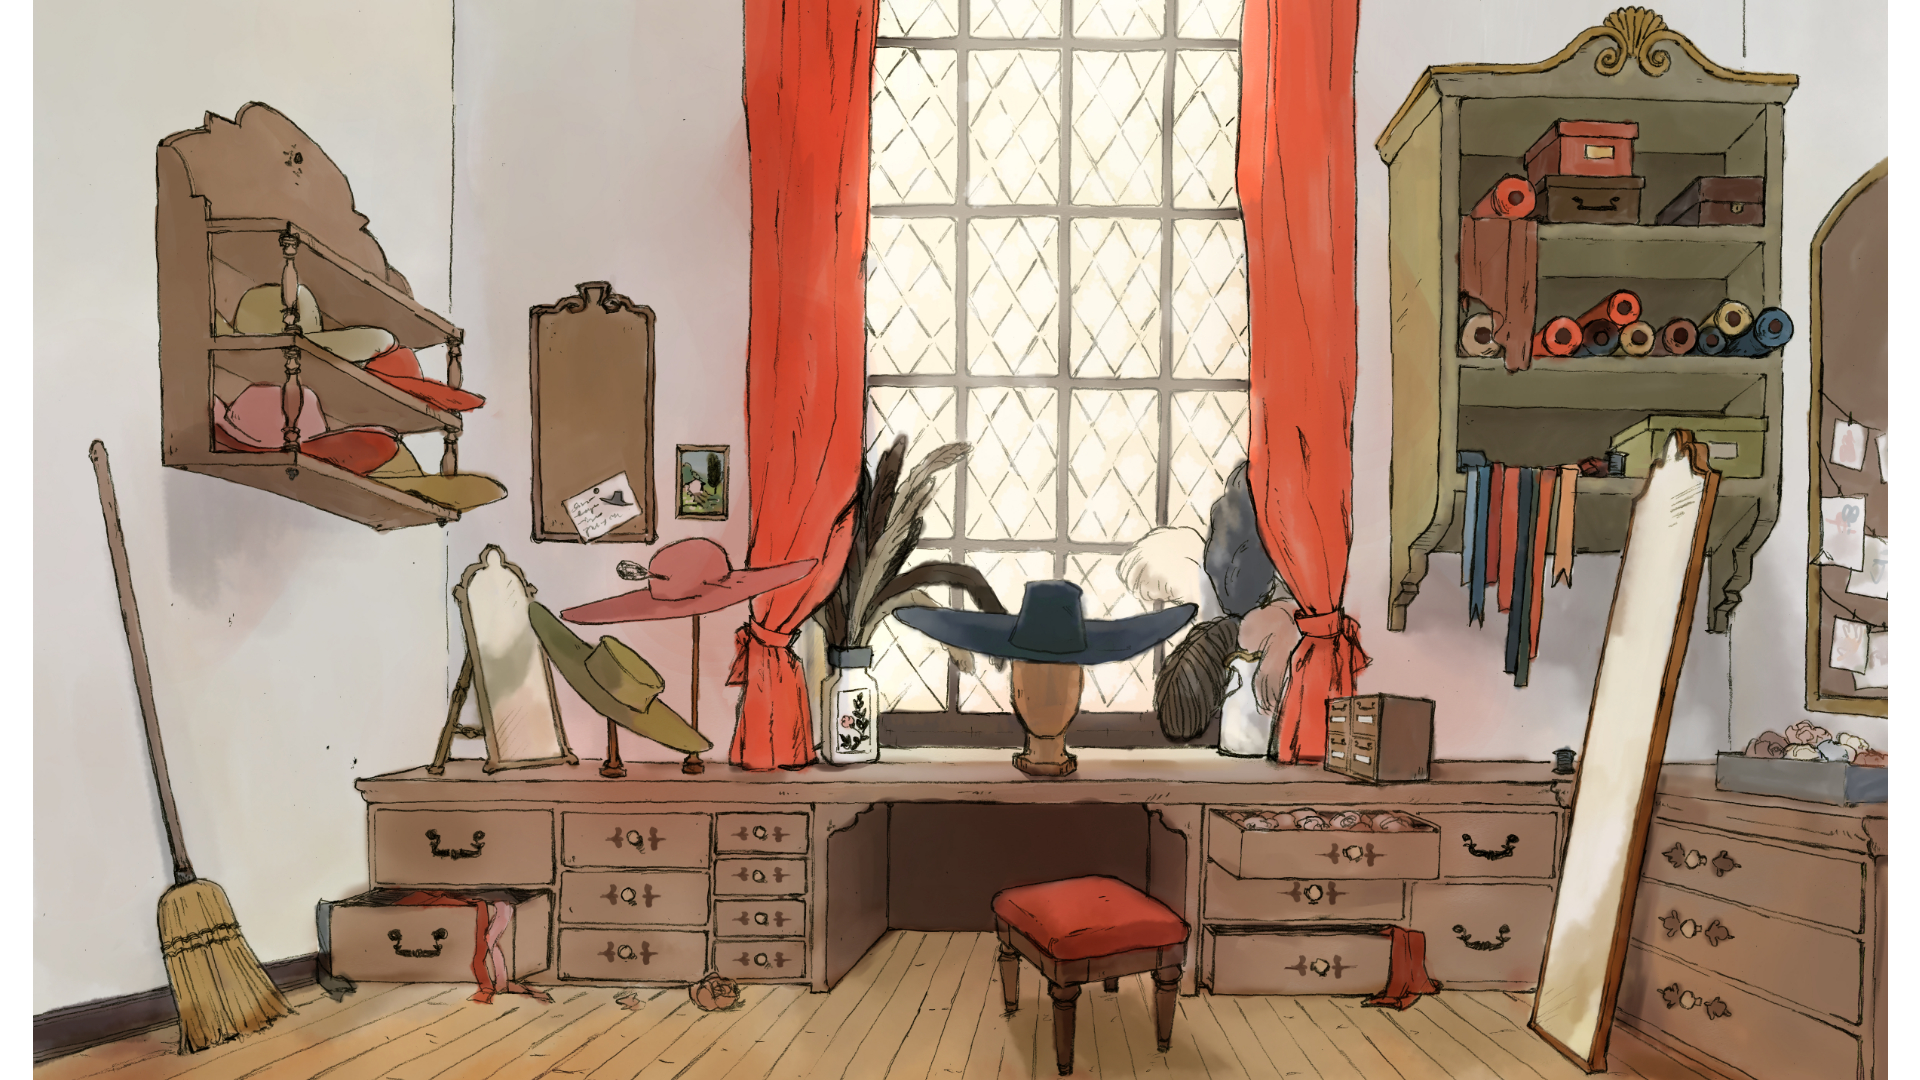 illustration BD Canada Nouveau-Brunswick non-profit jeunesse comics environment design BG